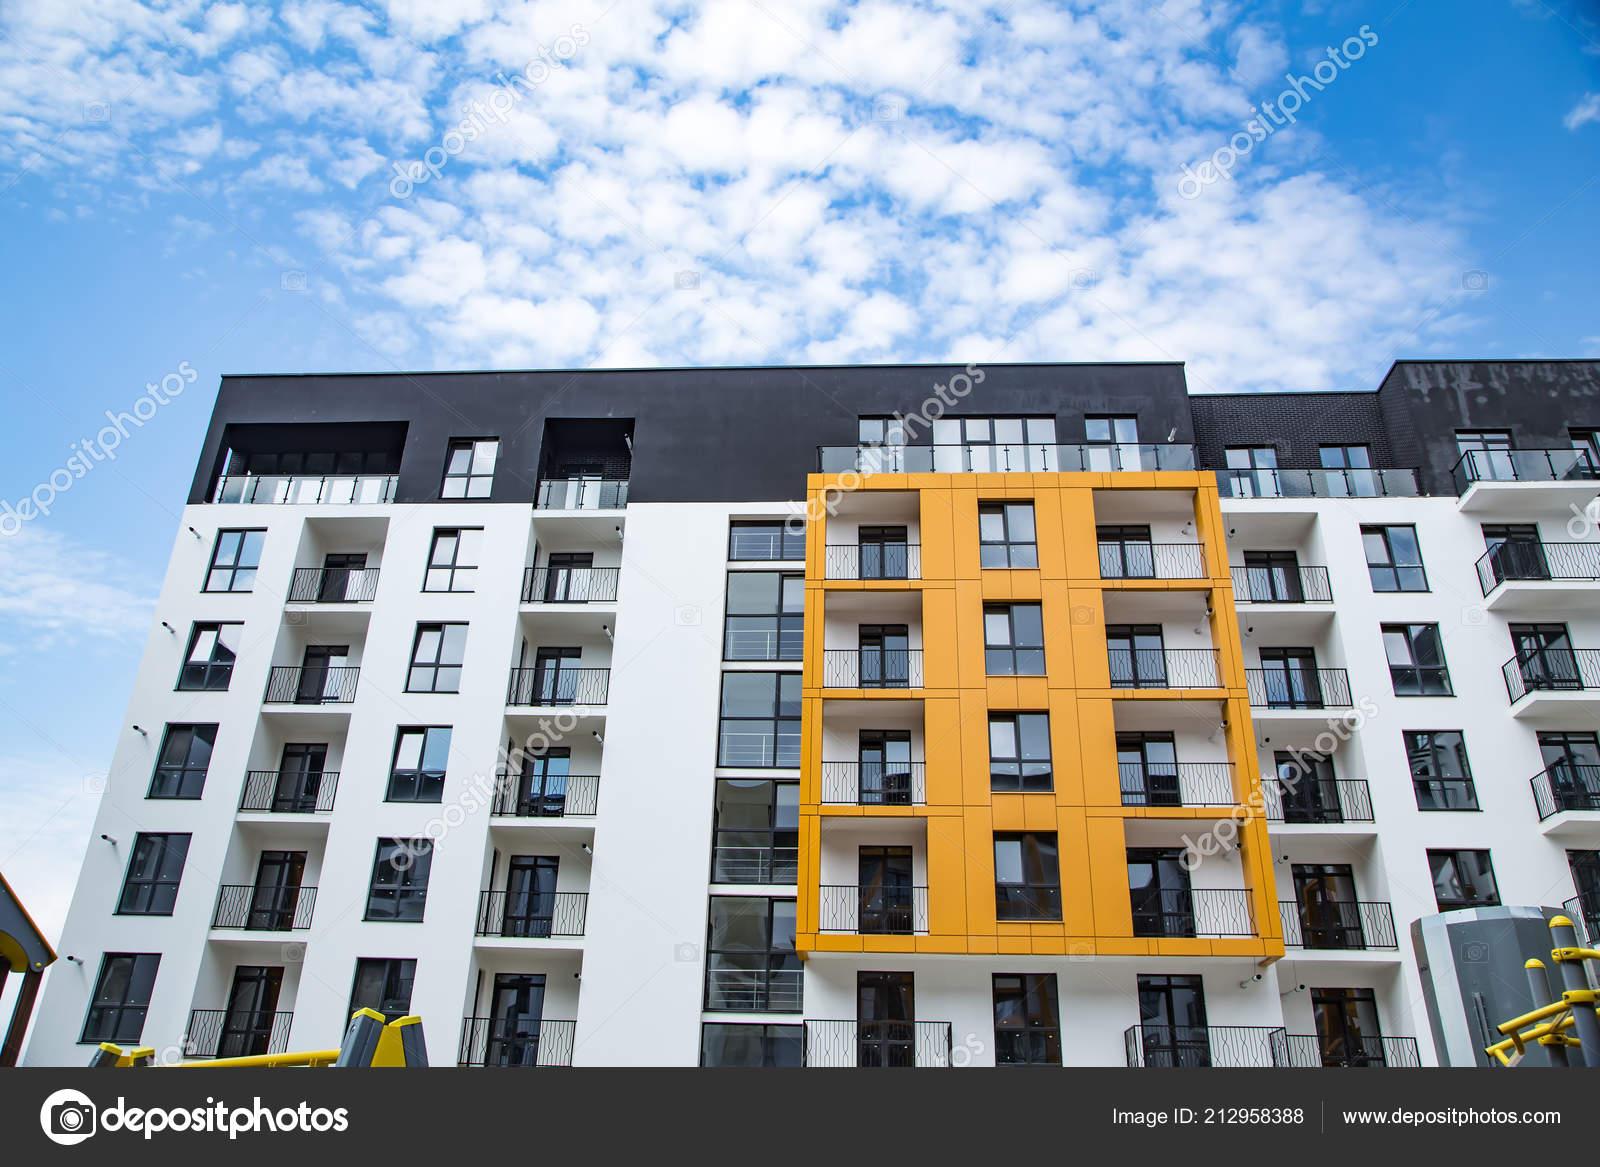 Stilvolle Fassade Neue Heimat Wohnung Textur Hintergrund Stockfoto